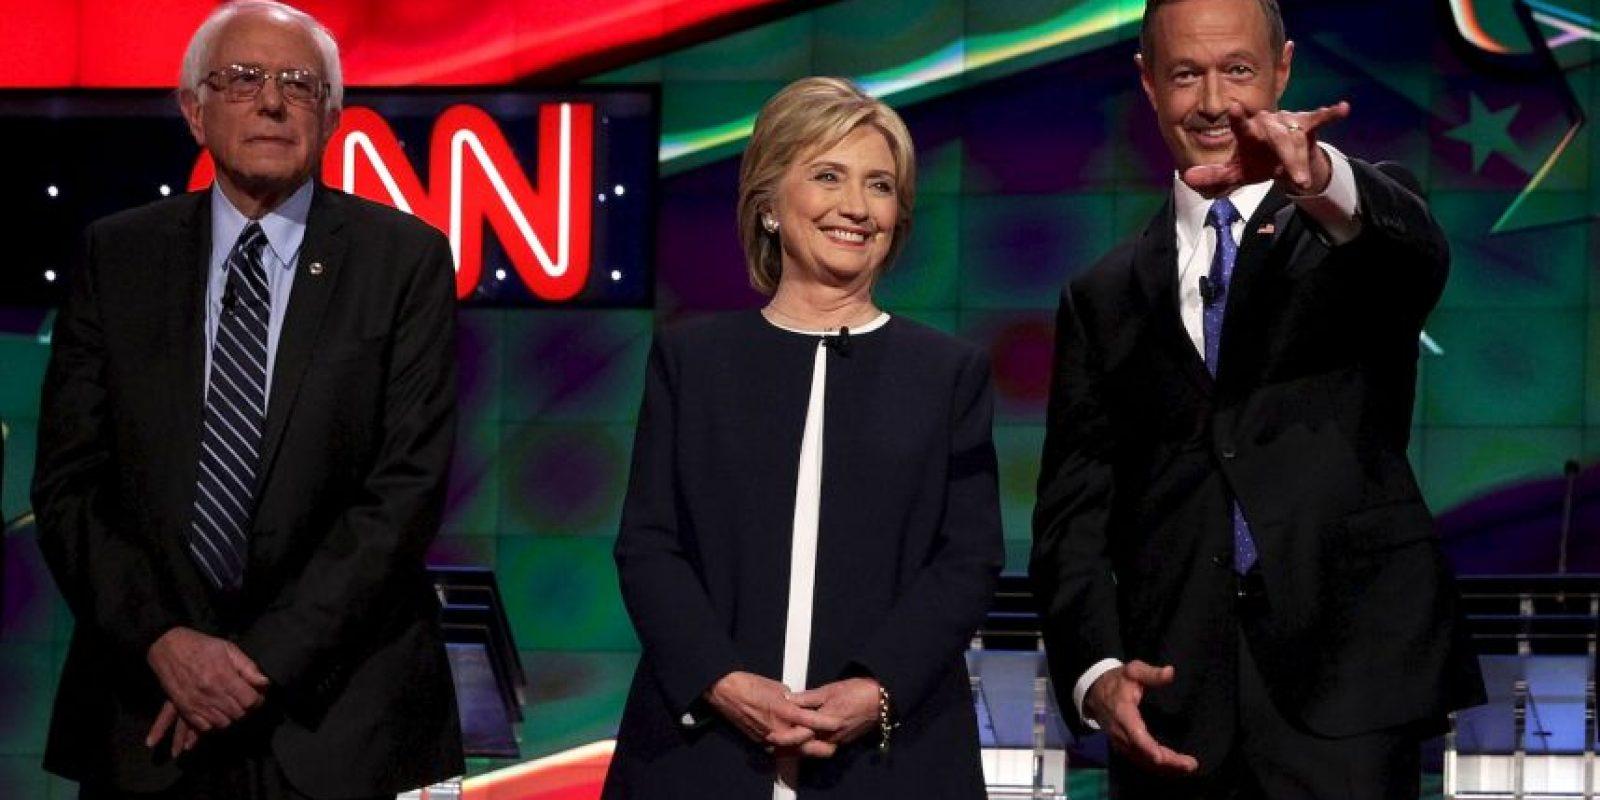 Y dejaron a un lado la controversia para discutir temas sociales. Foto:Getty Images